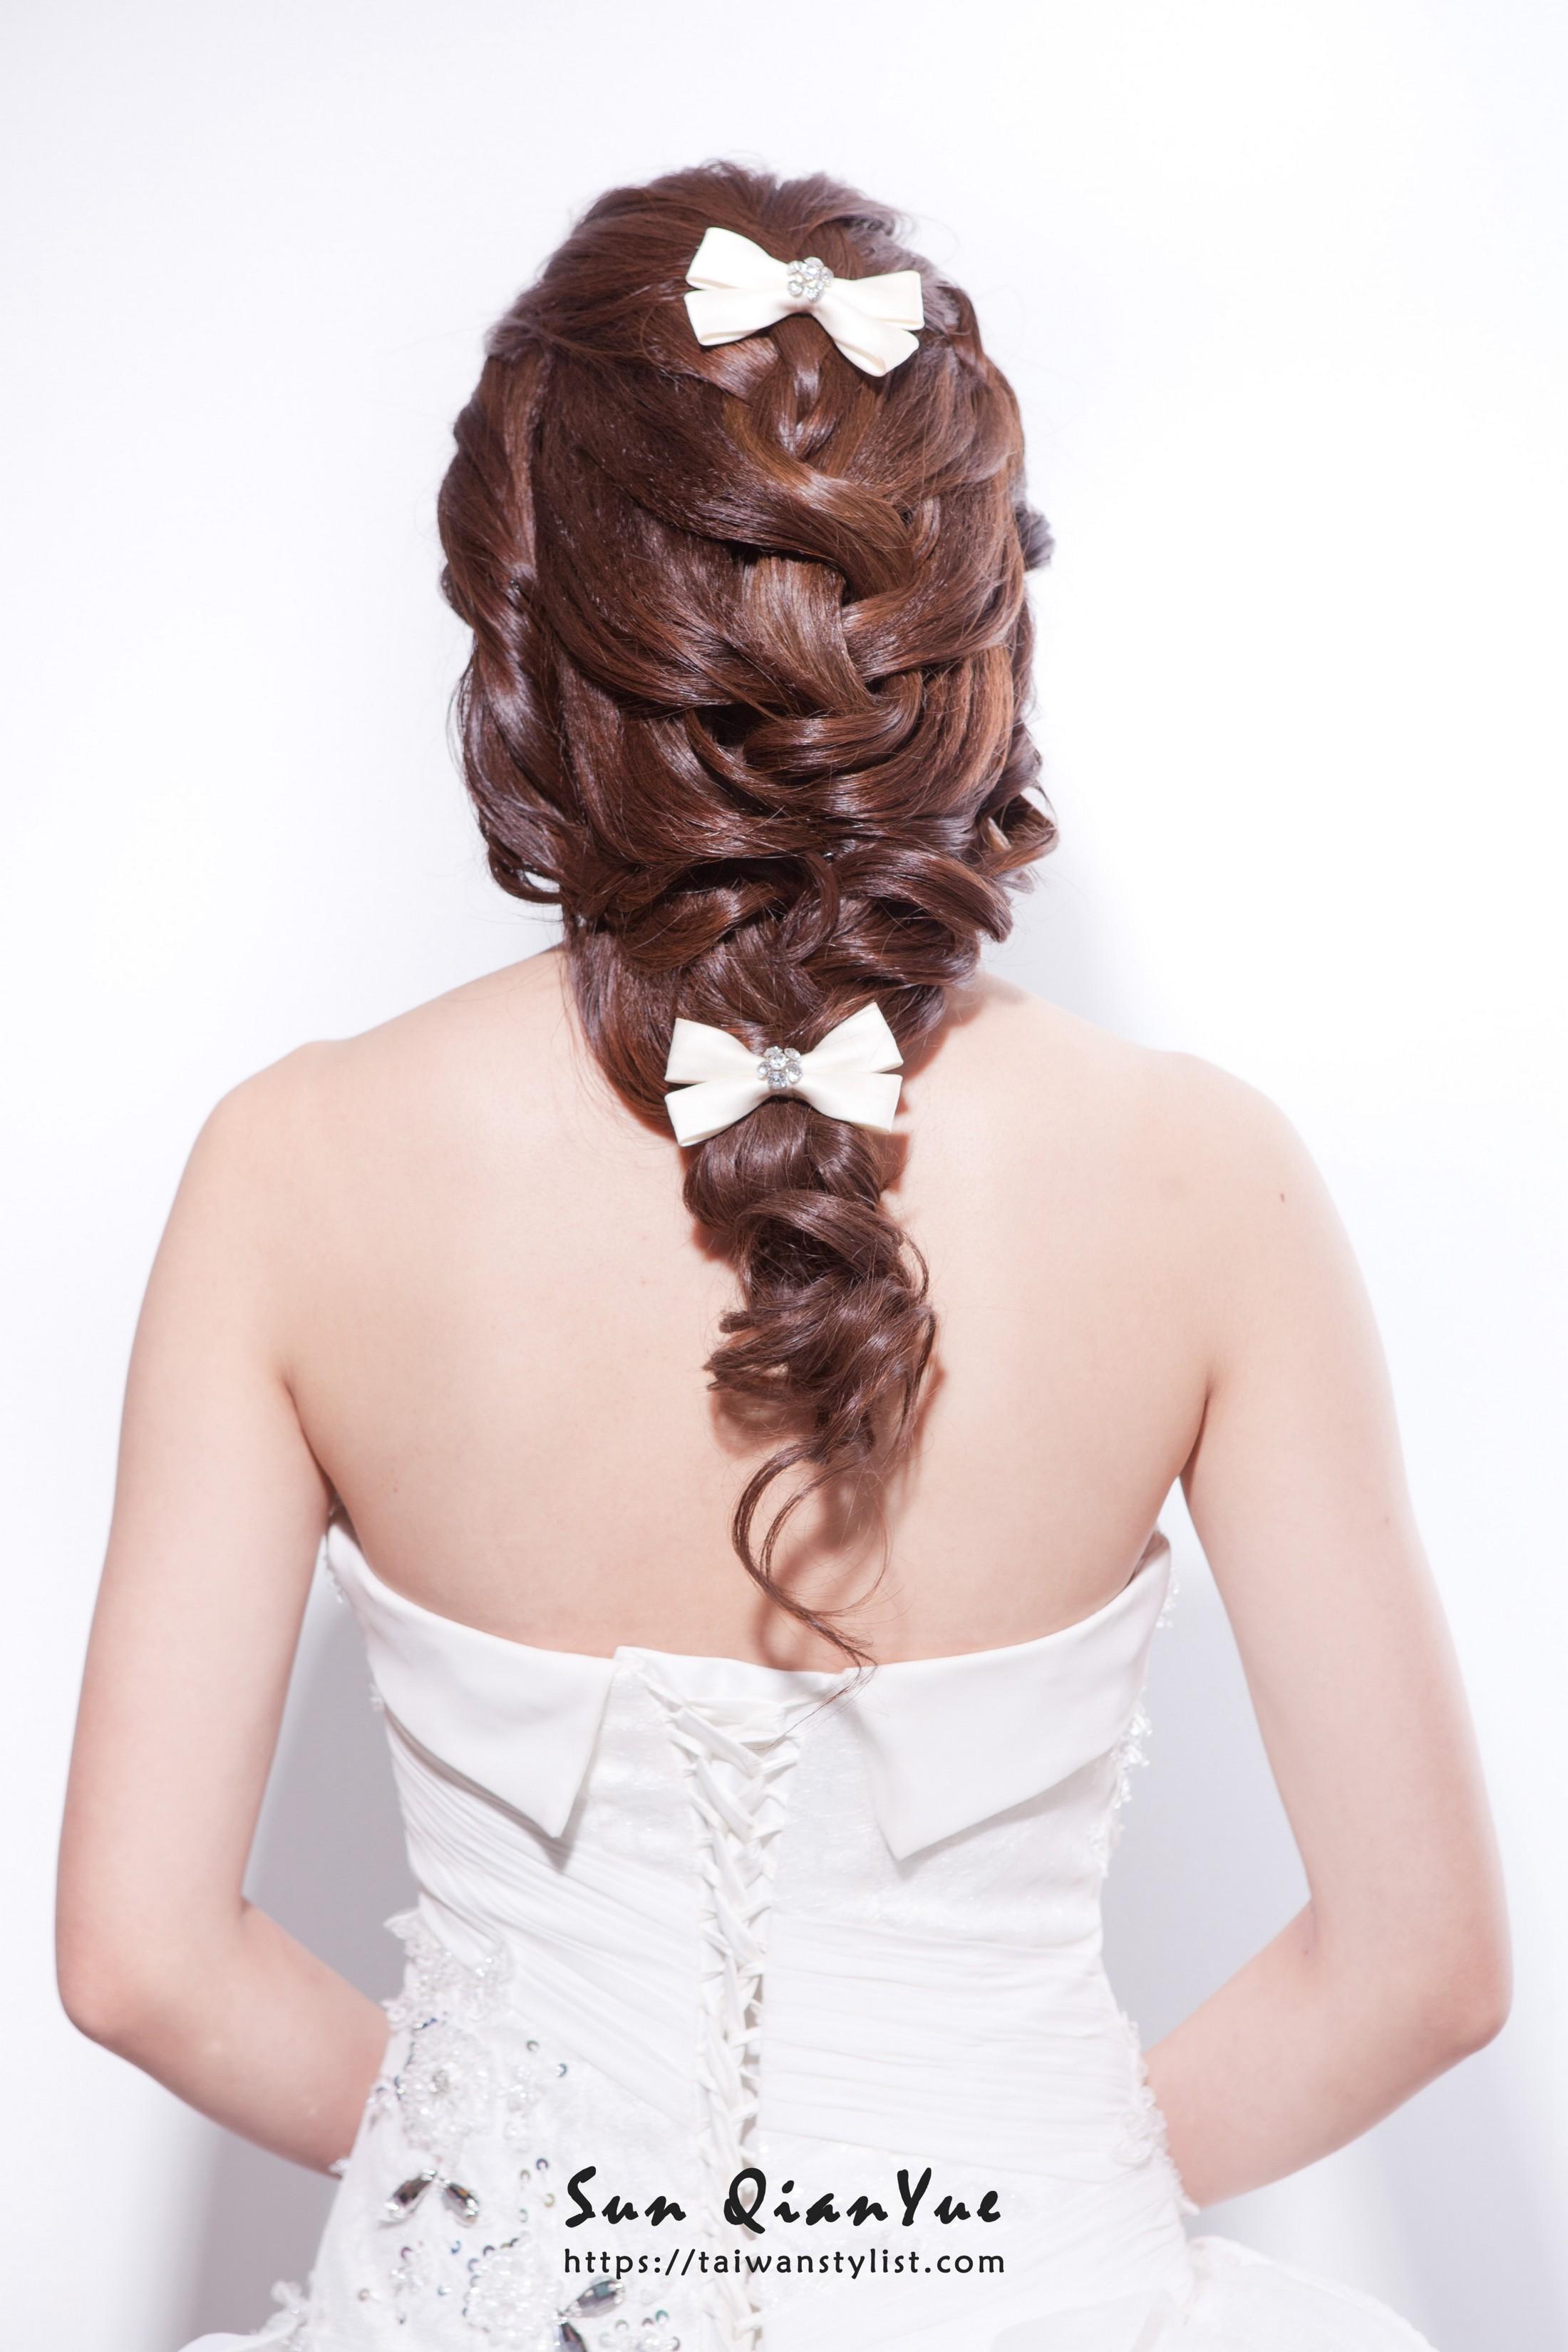 【新娘妝髮】編發造型推薦